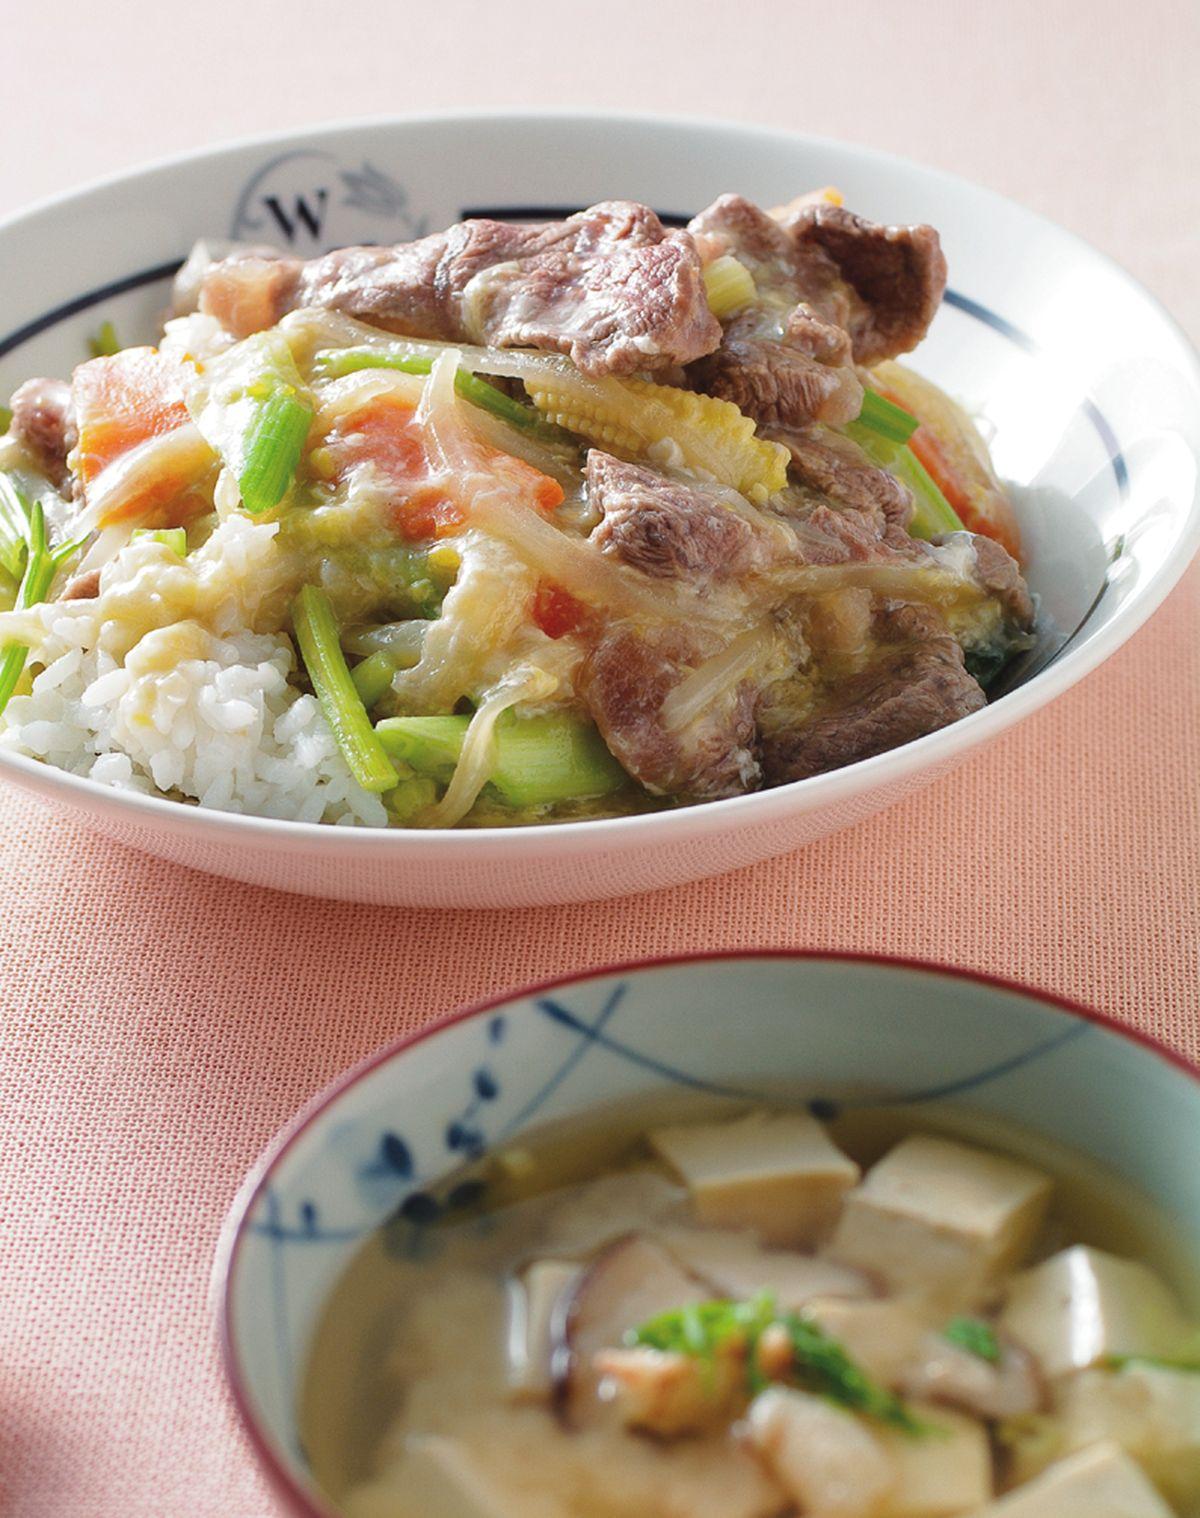 食譜:滑蛋牛肉燴飯